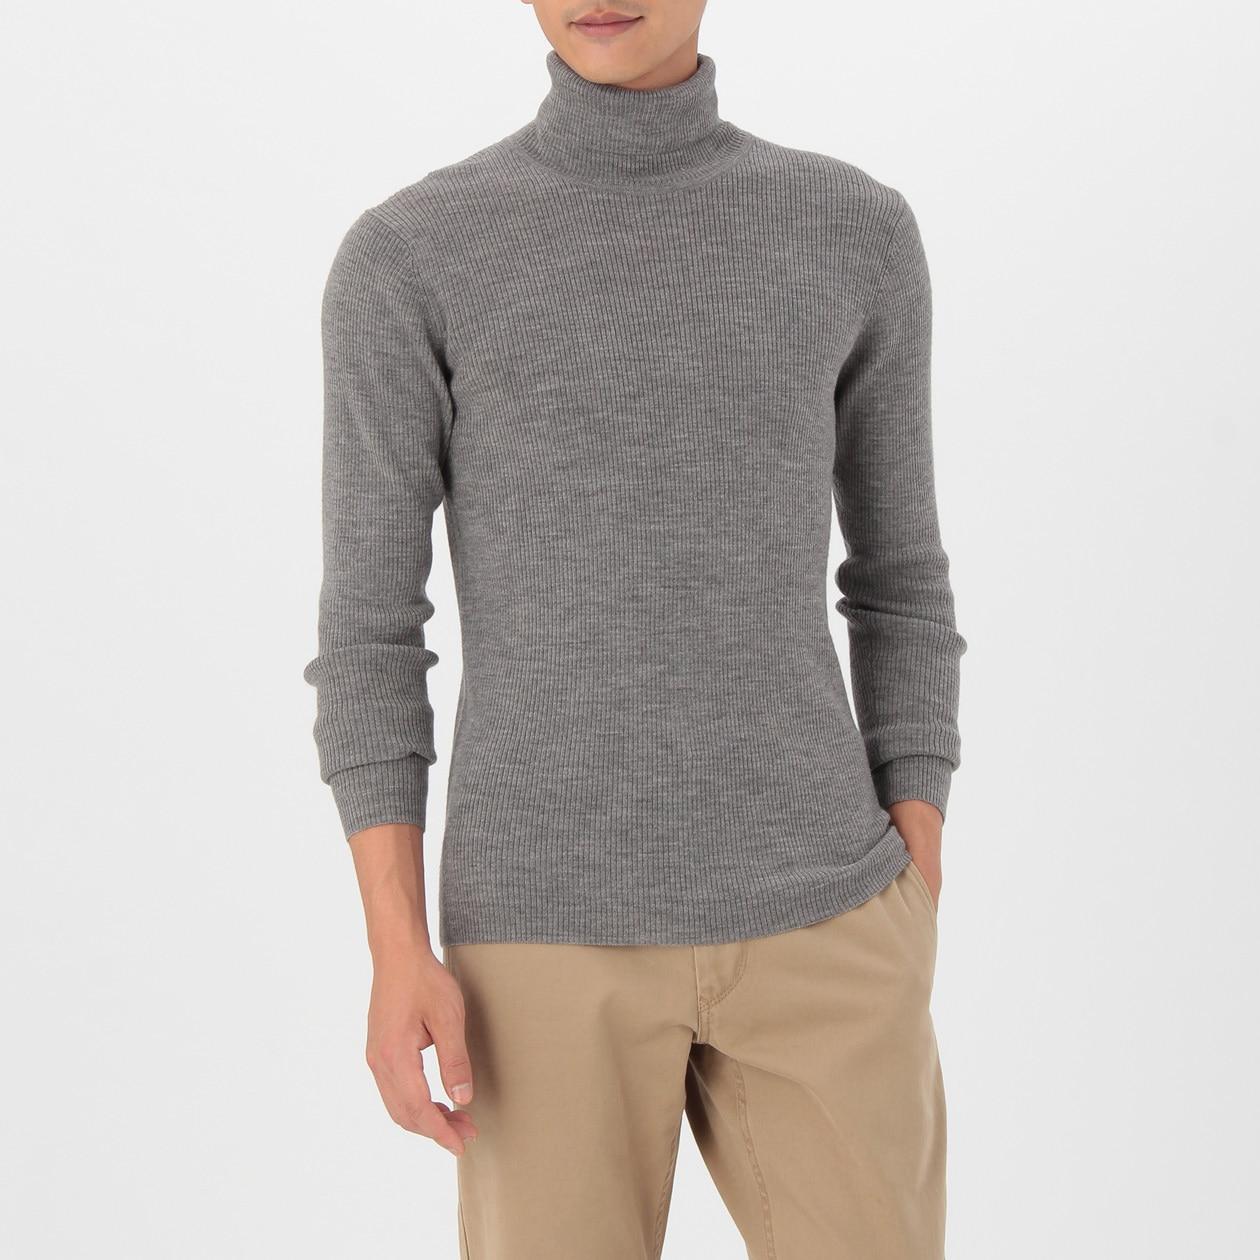 男不易刺癢羊毛螺紋高領毛衣 灰色S | 無印良品